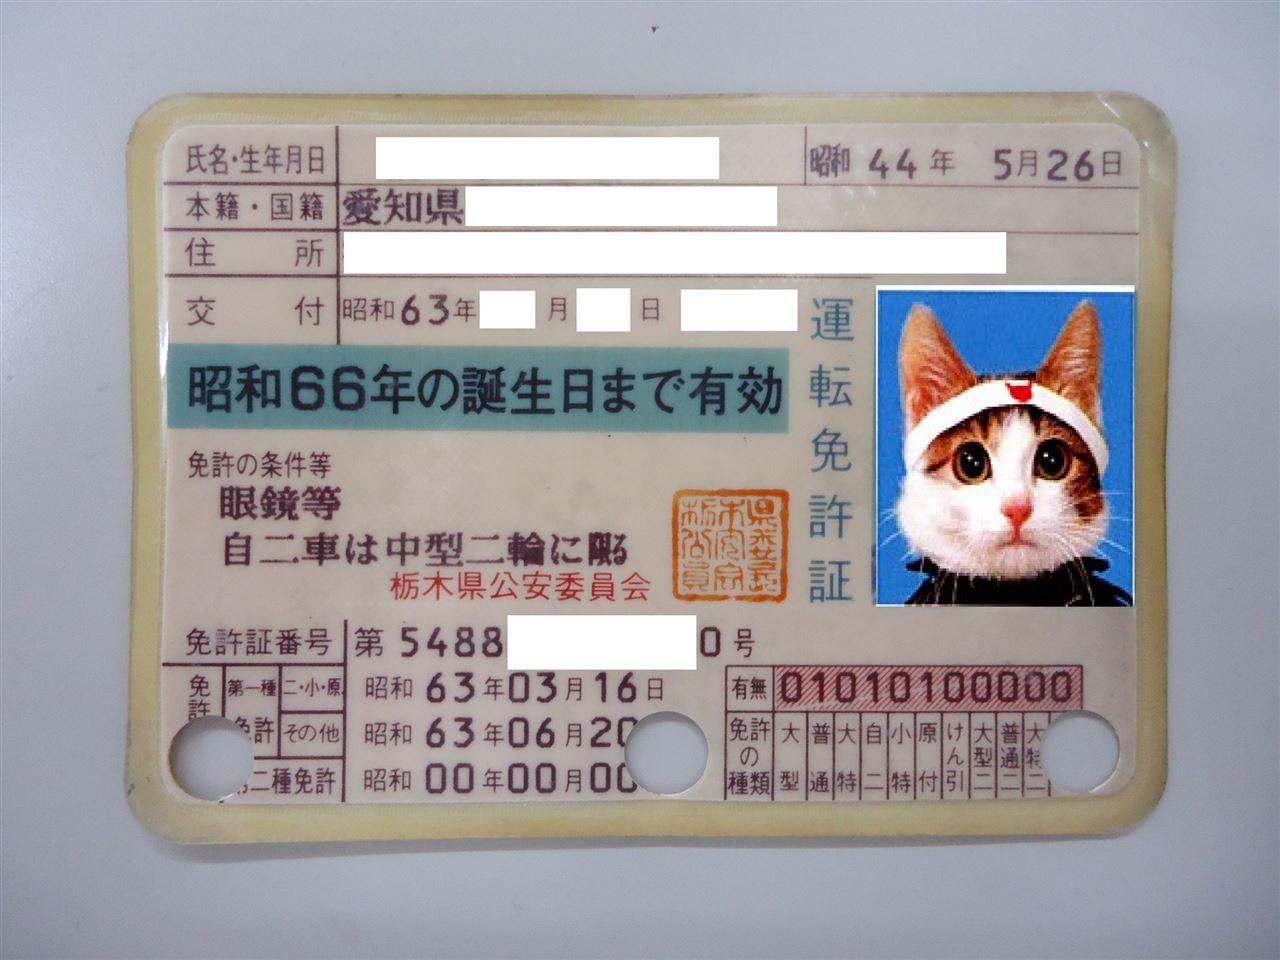 初めて更新した時の運転免許証です。 一枚物のラミネートになりました。 ...  車・自動車SNS